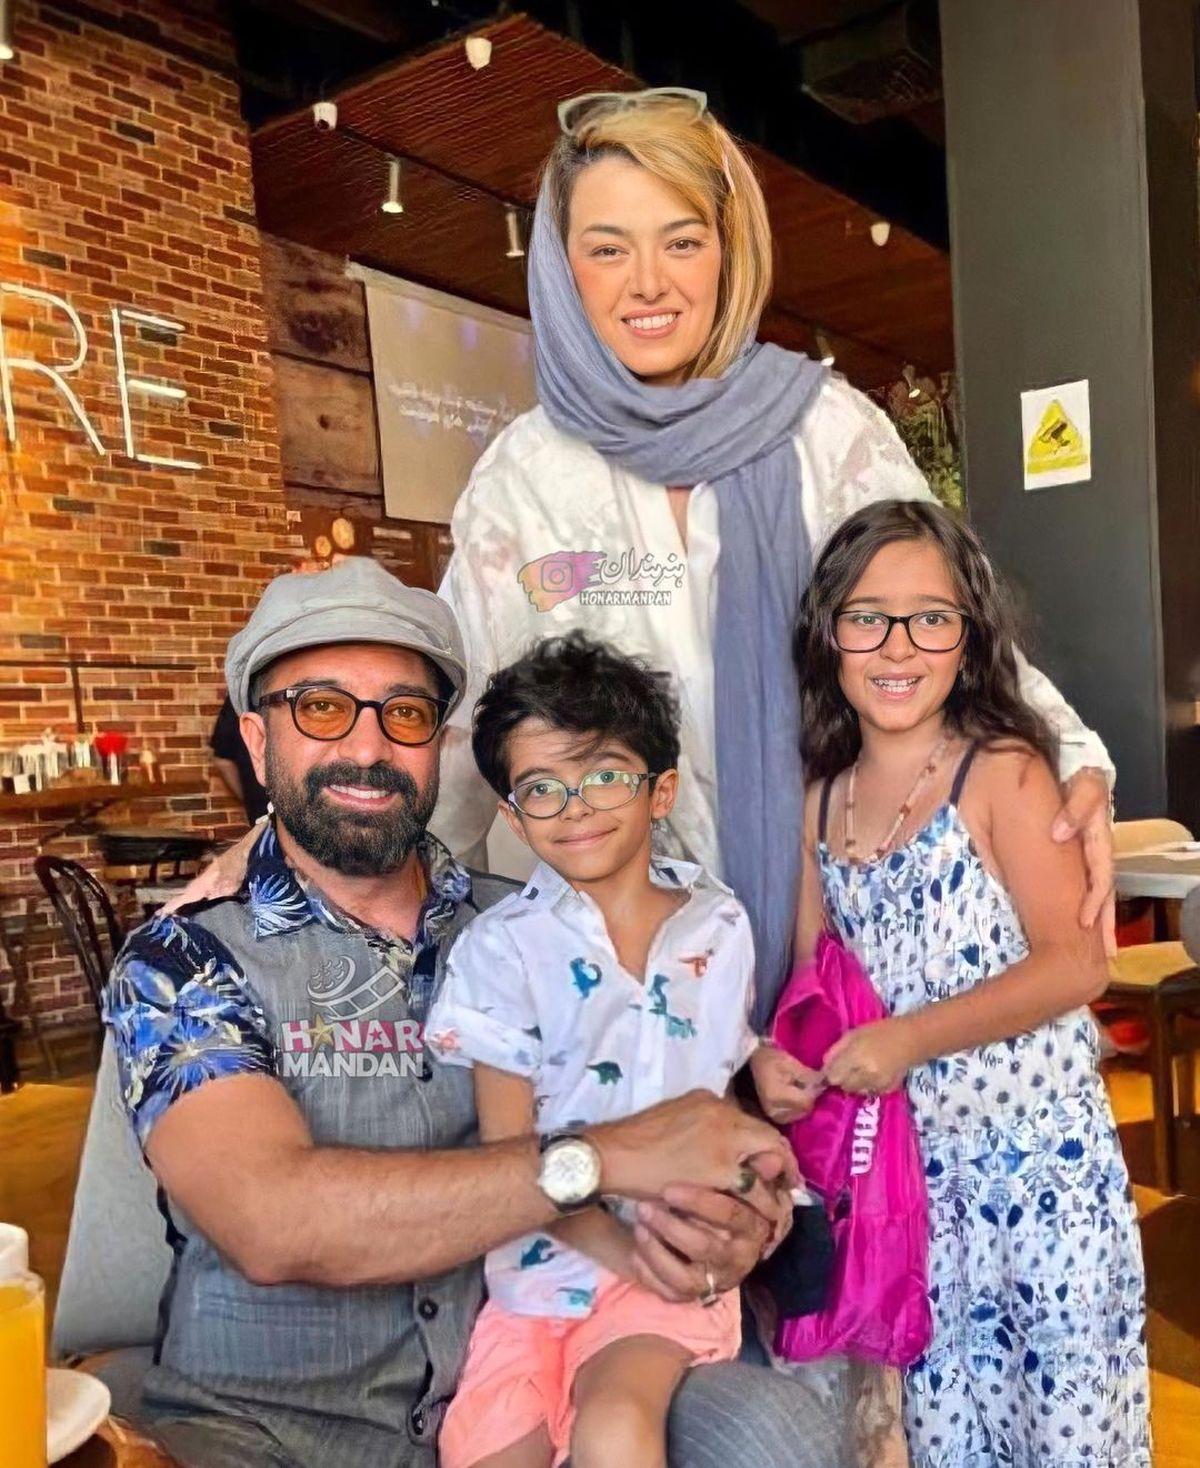 تیپ ناجور همسر مجید صالحی در رستوران +عکس